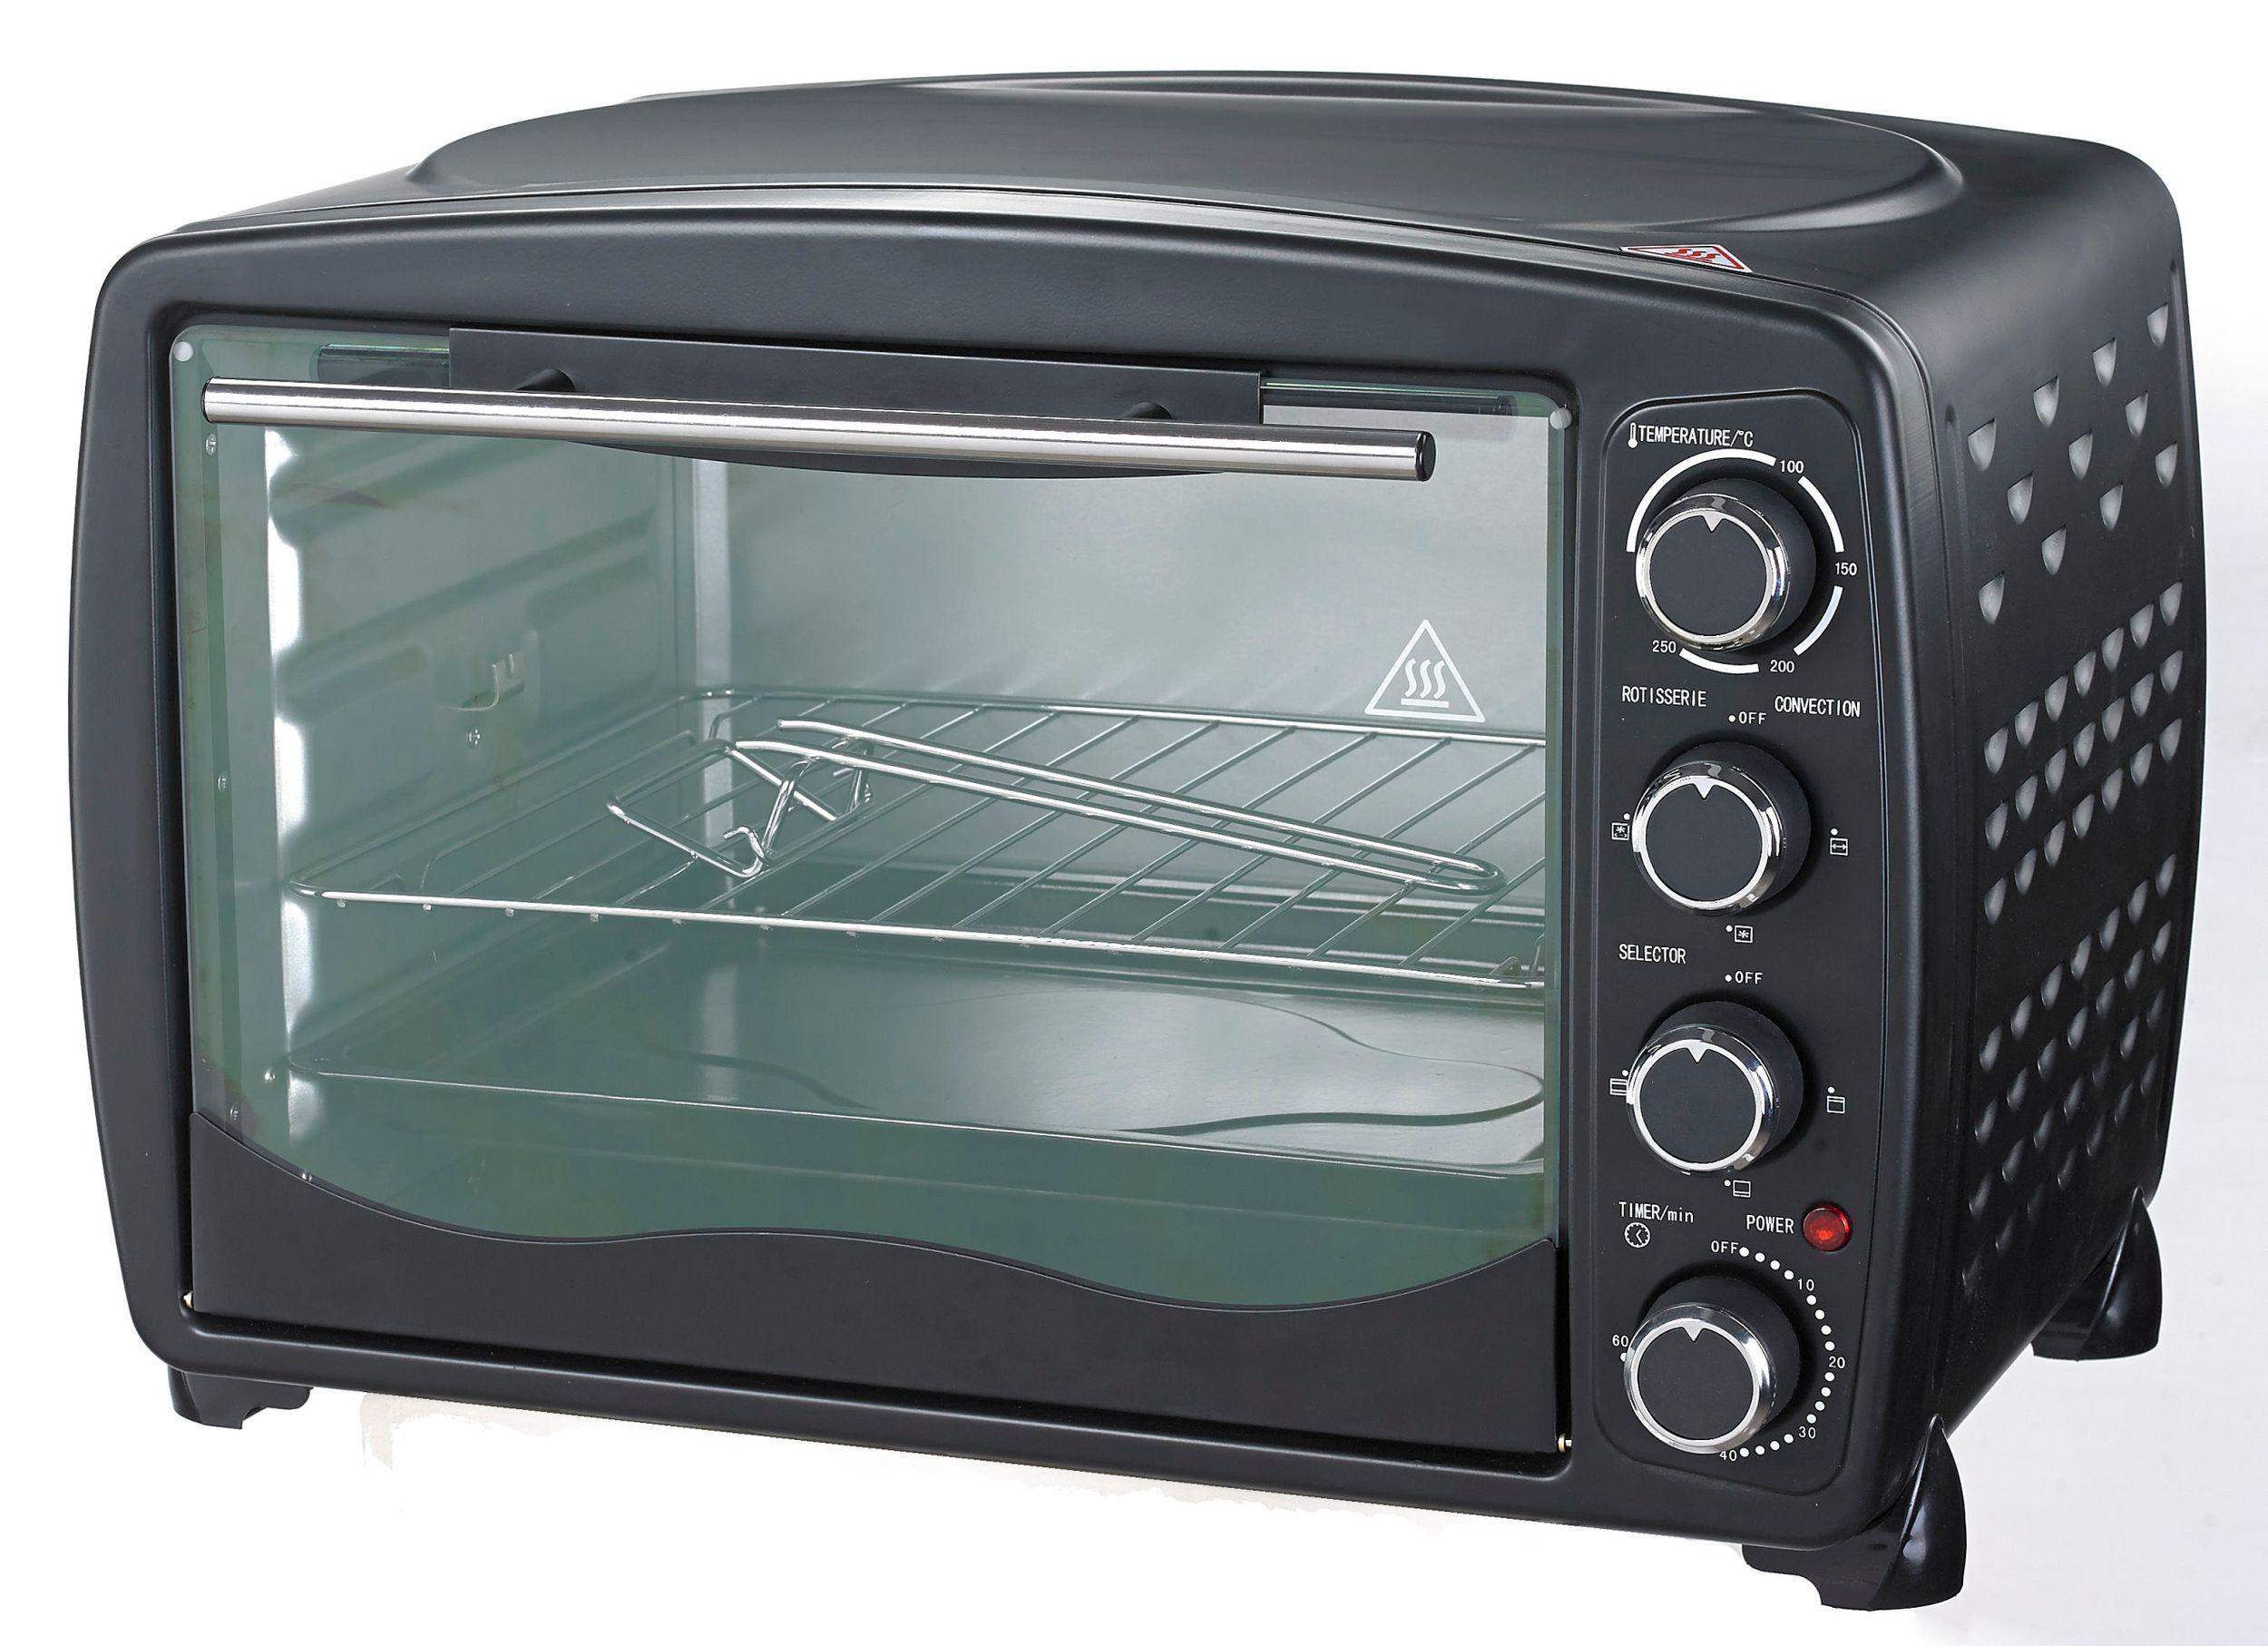 Multiofen 40L Drehspieß Grill Umluft Beleuchtung bis 250°C schwarz (Karton beschädigt)*28601 Bild 4